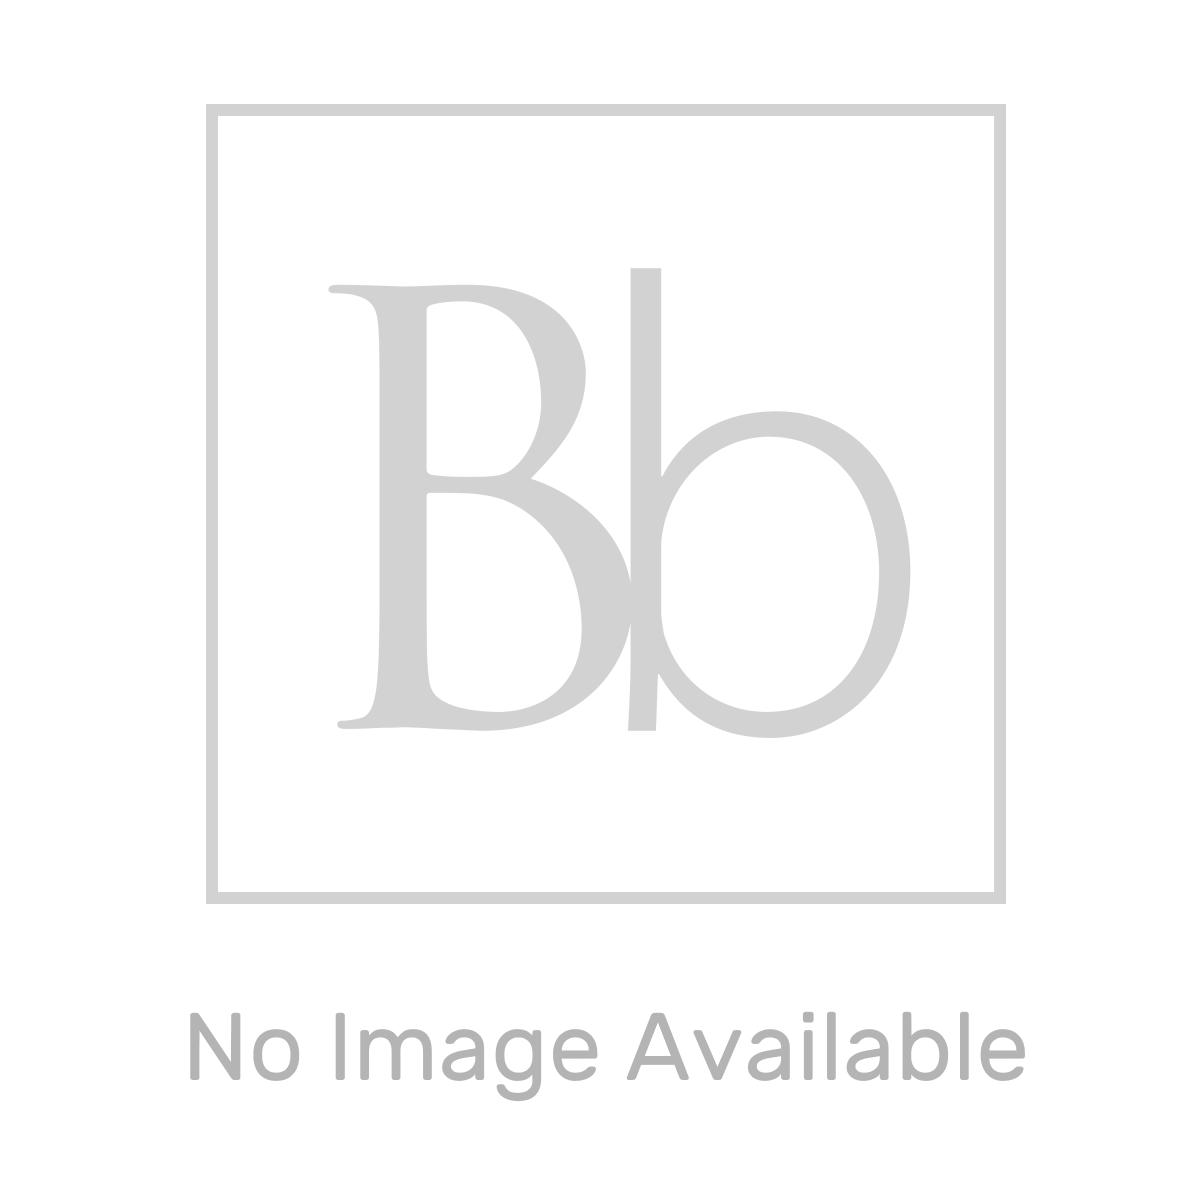 Aquadart Rolla 8 Sliding Shower Enclosure Recess Configuration